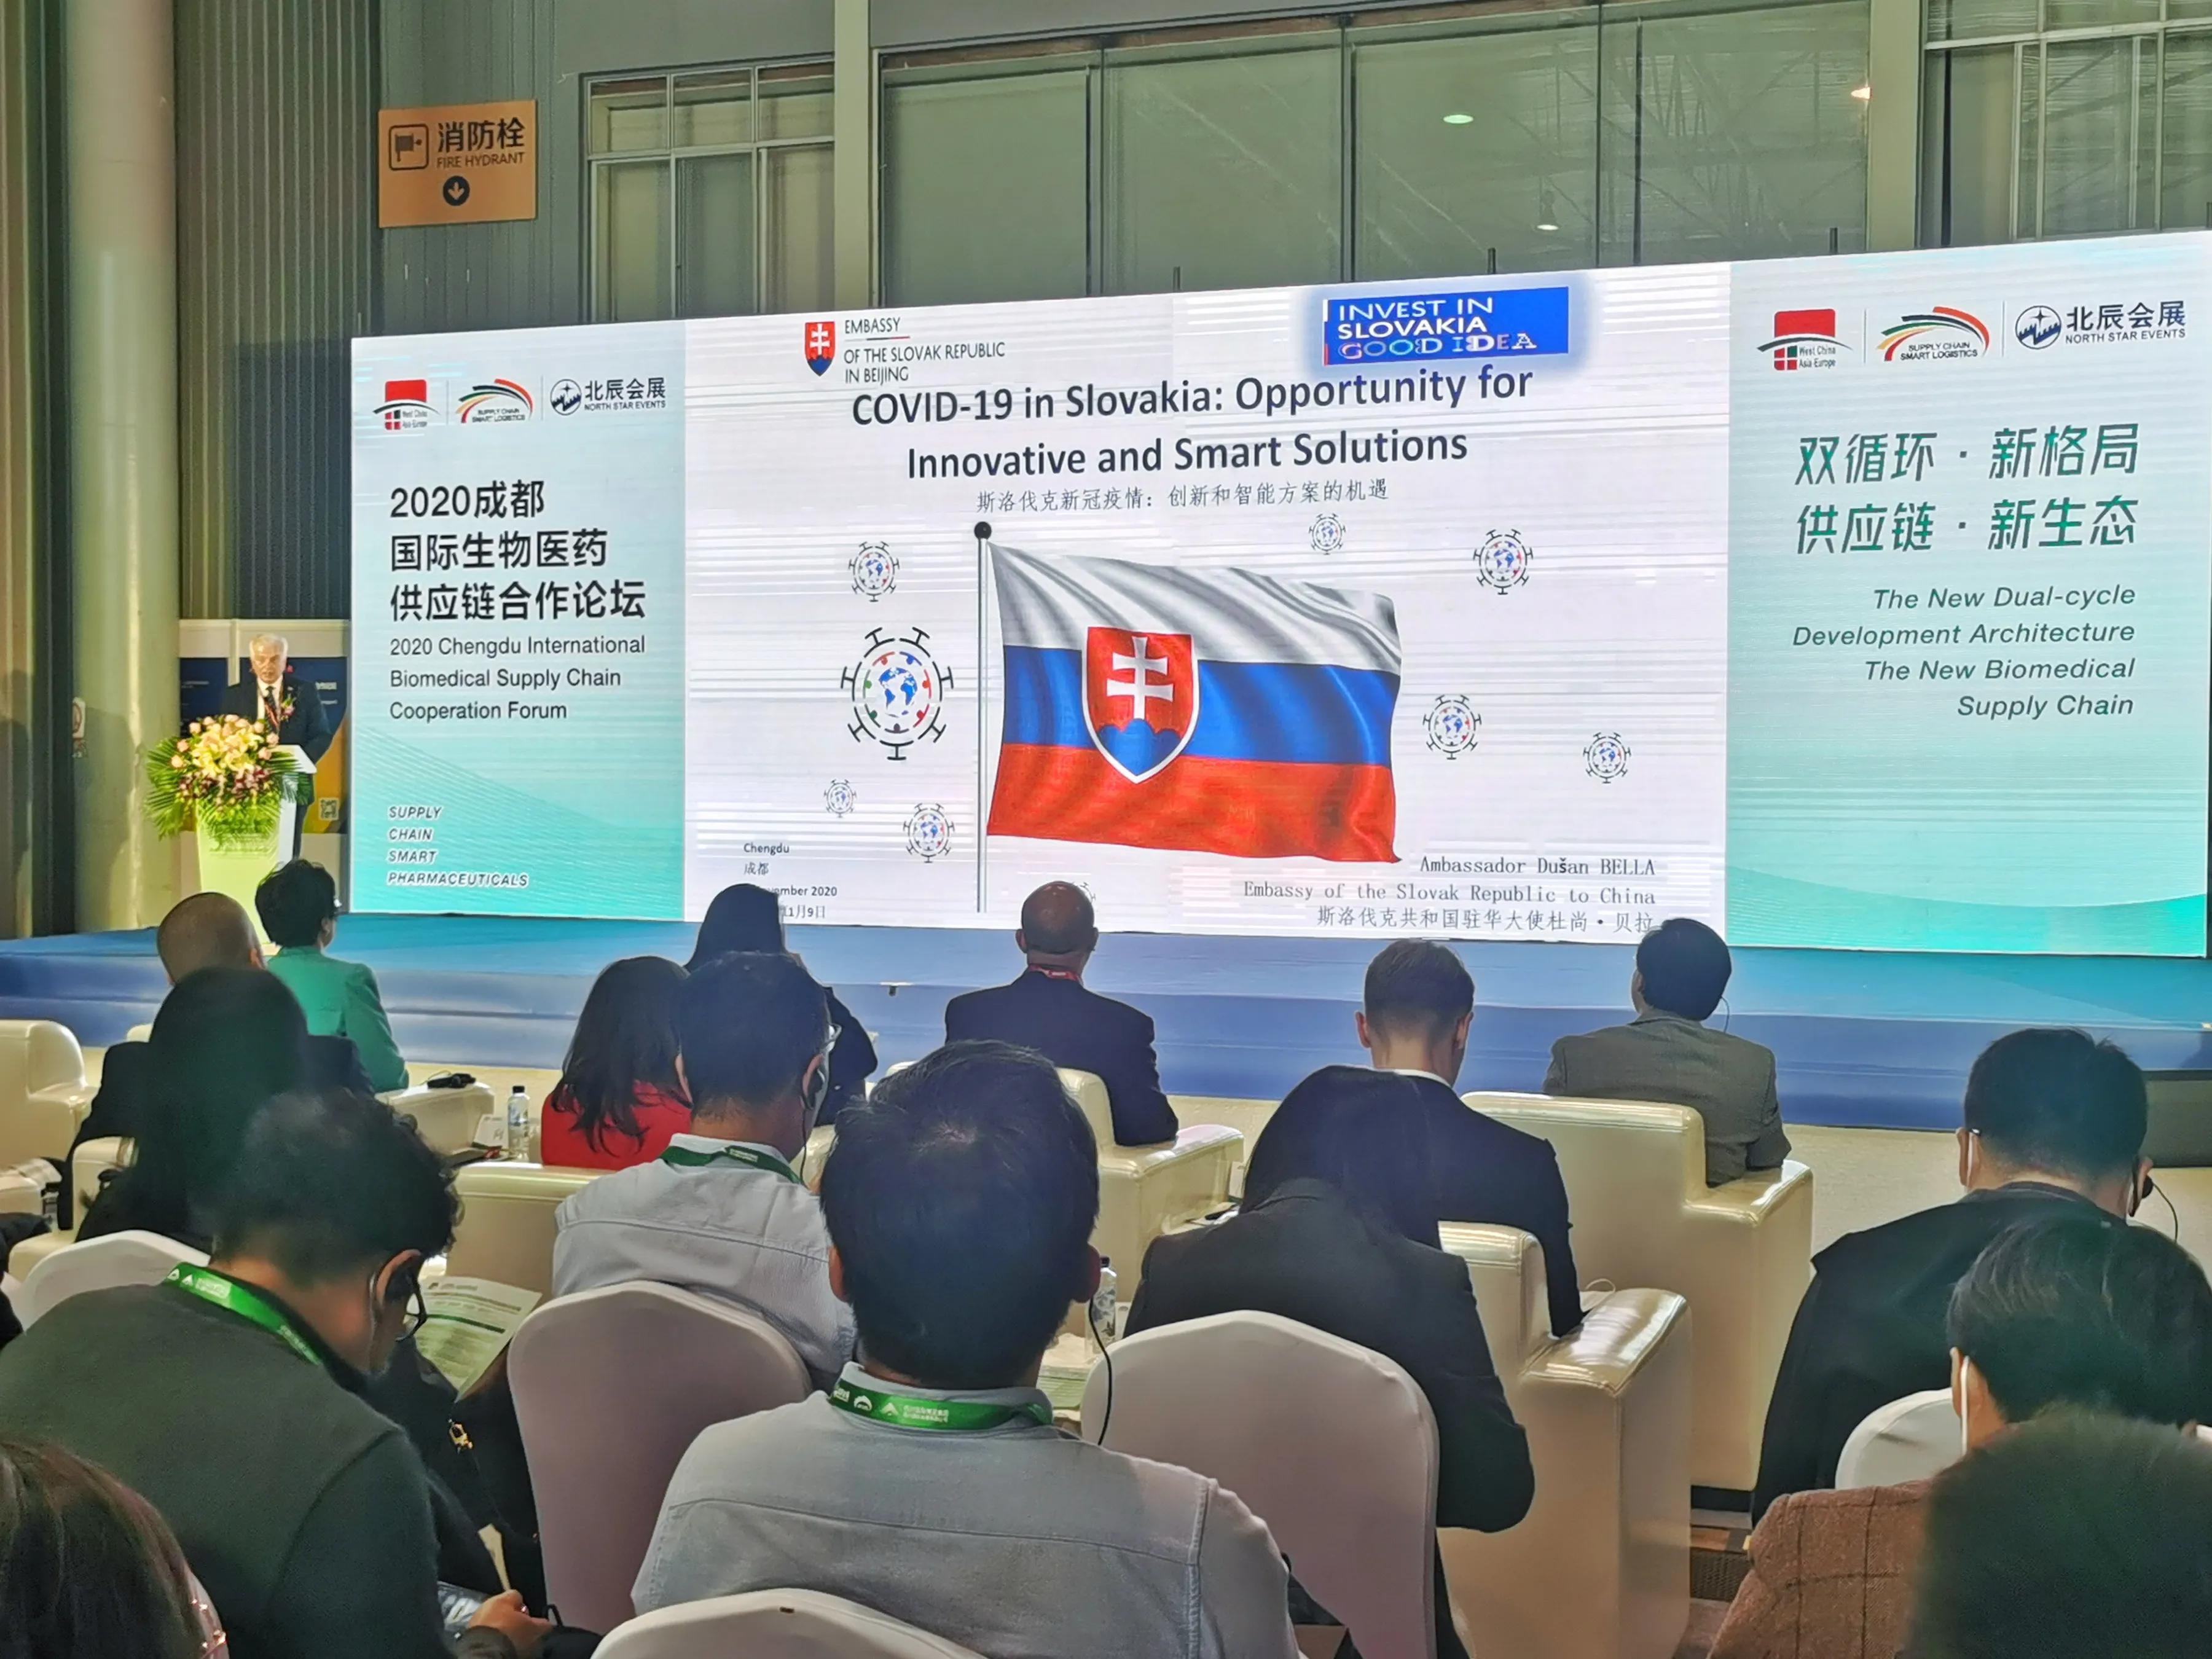 成都高新区举办成都国际生物医药供应链合作论坛